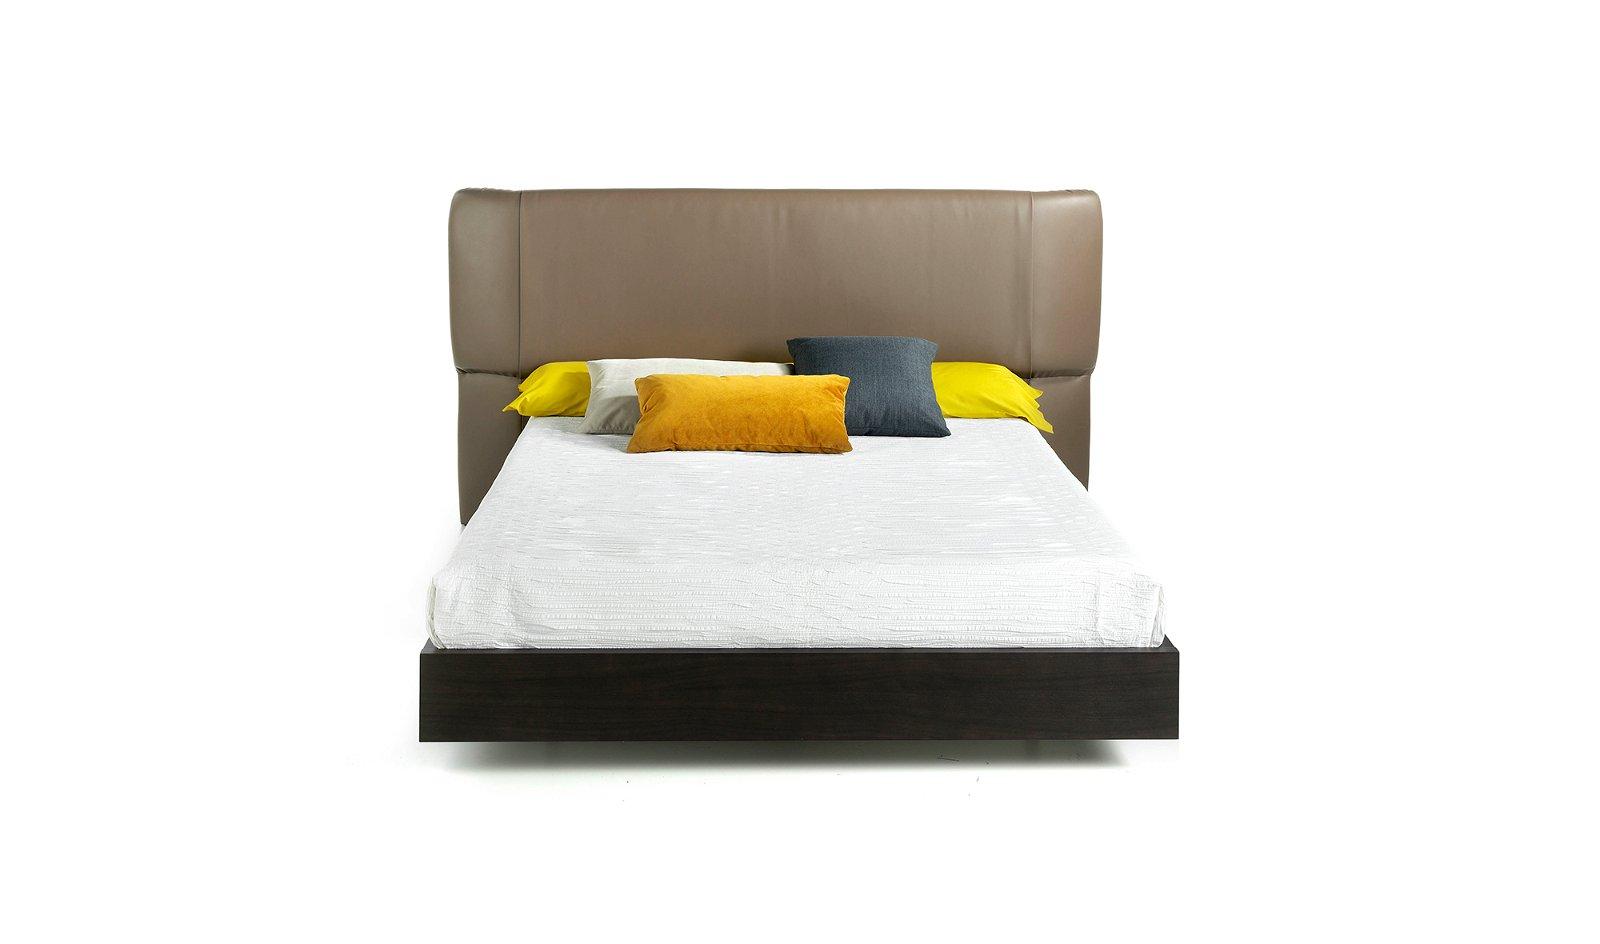 Cama moderna roble y piel Lia para colchón 150x200